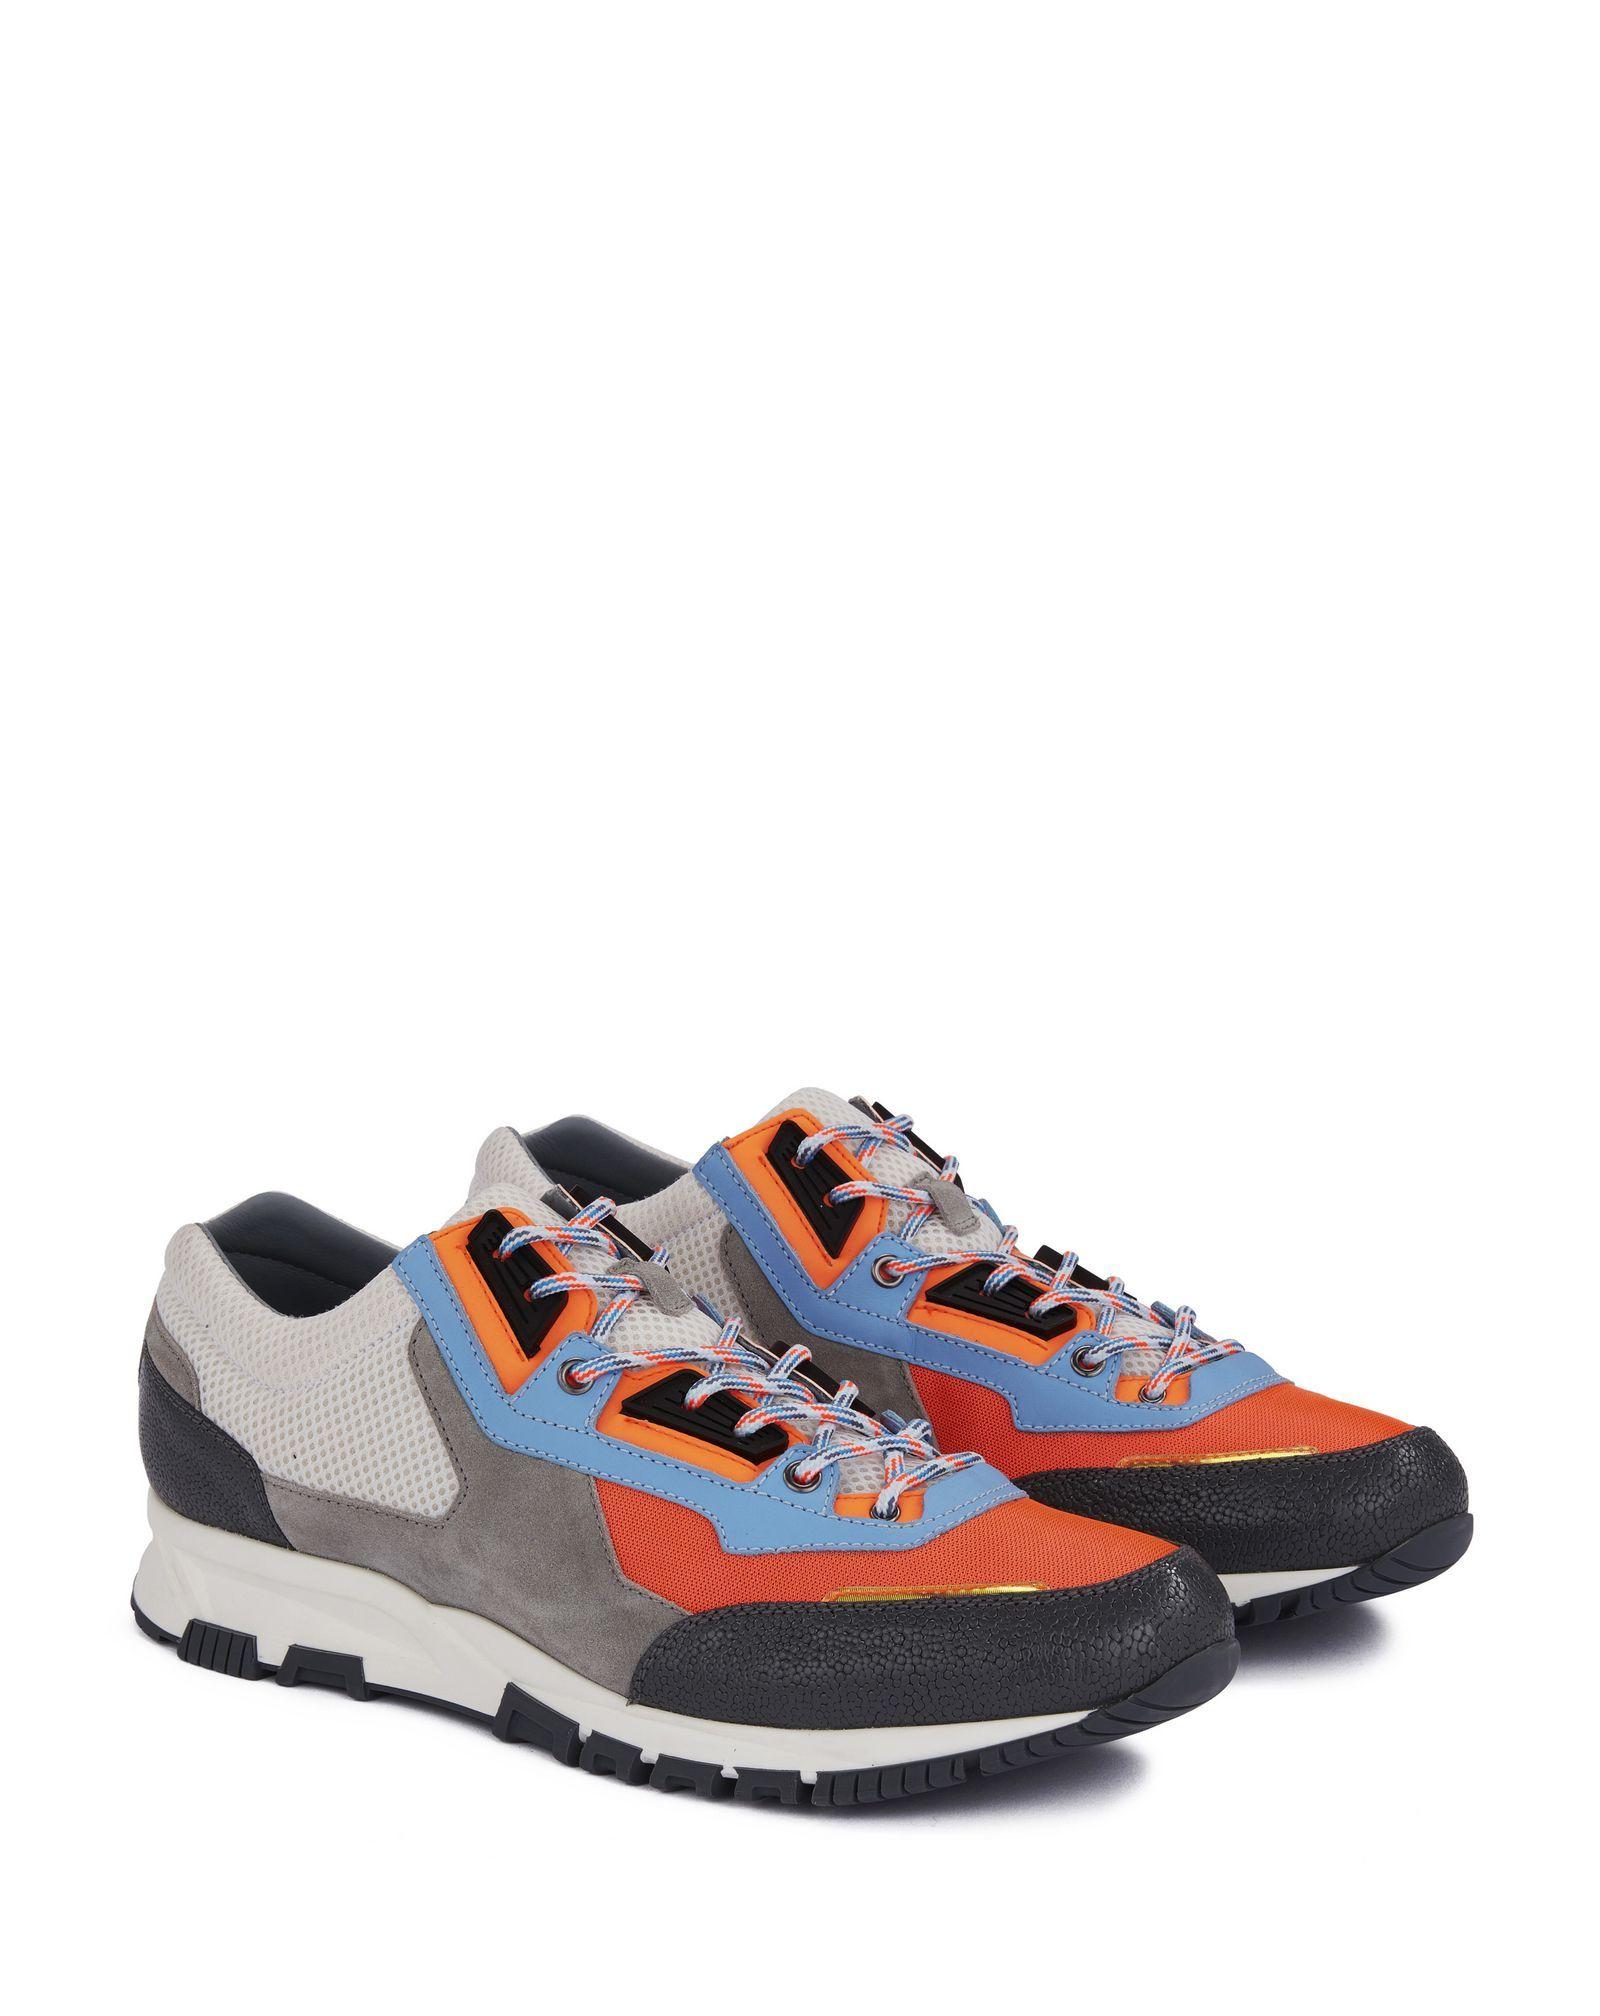 Lanvin | Men's Footwear: Runners